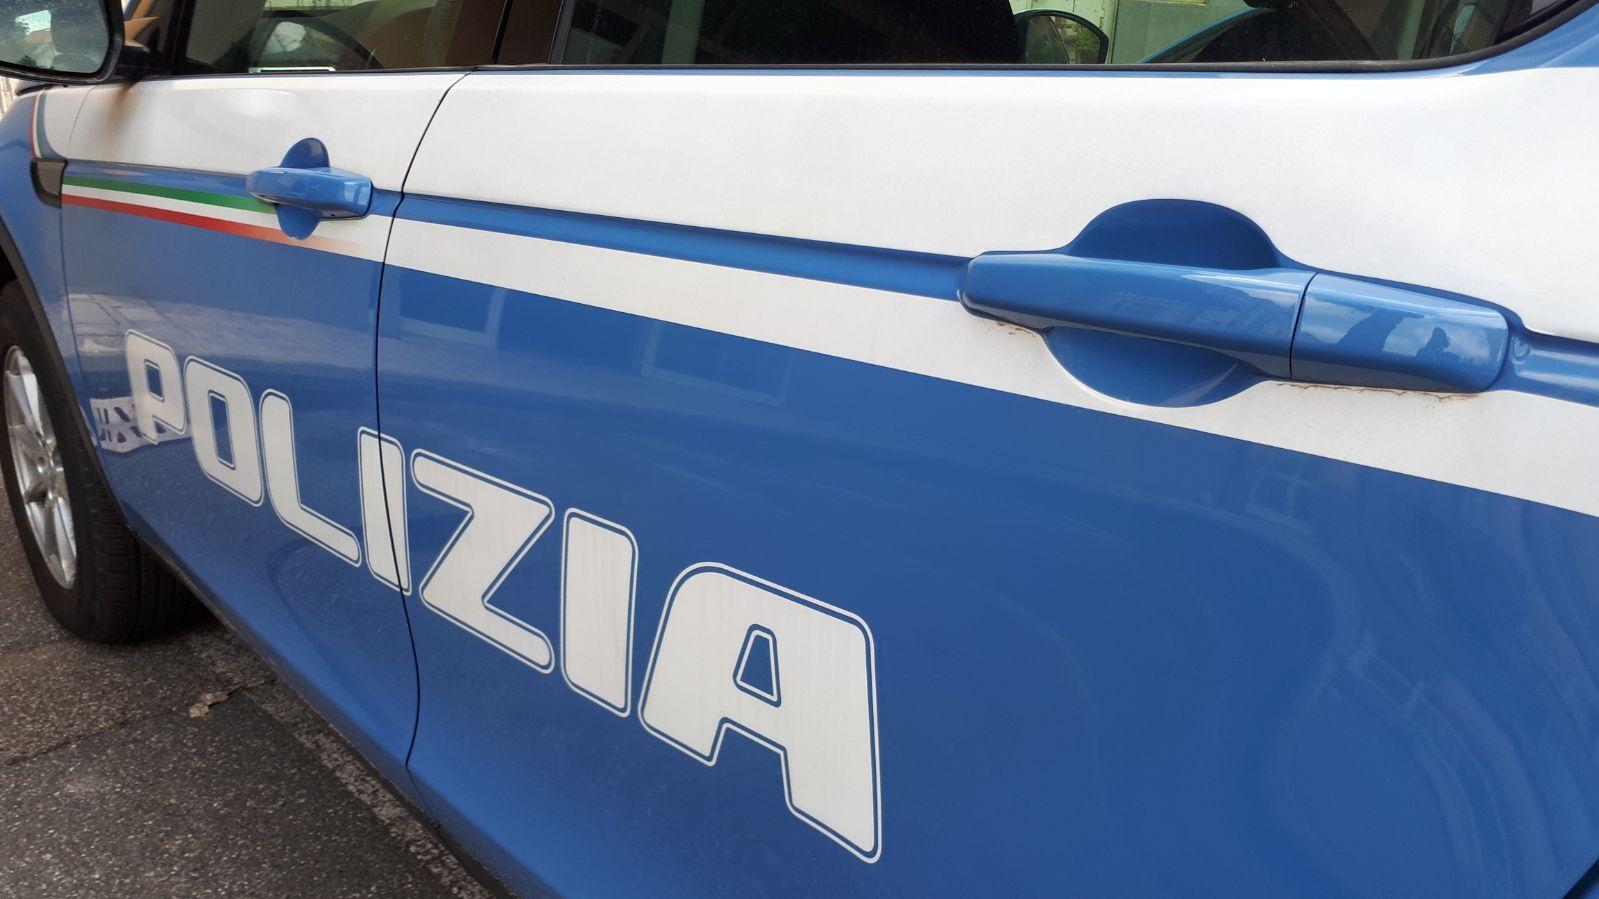 Messina. In carcere per rapina alle Poste, è il responsabile anche di un furto in appartamento